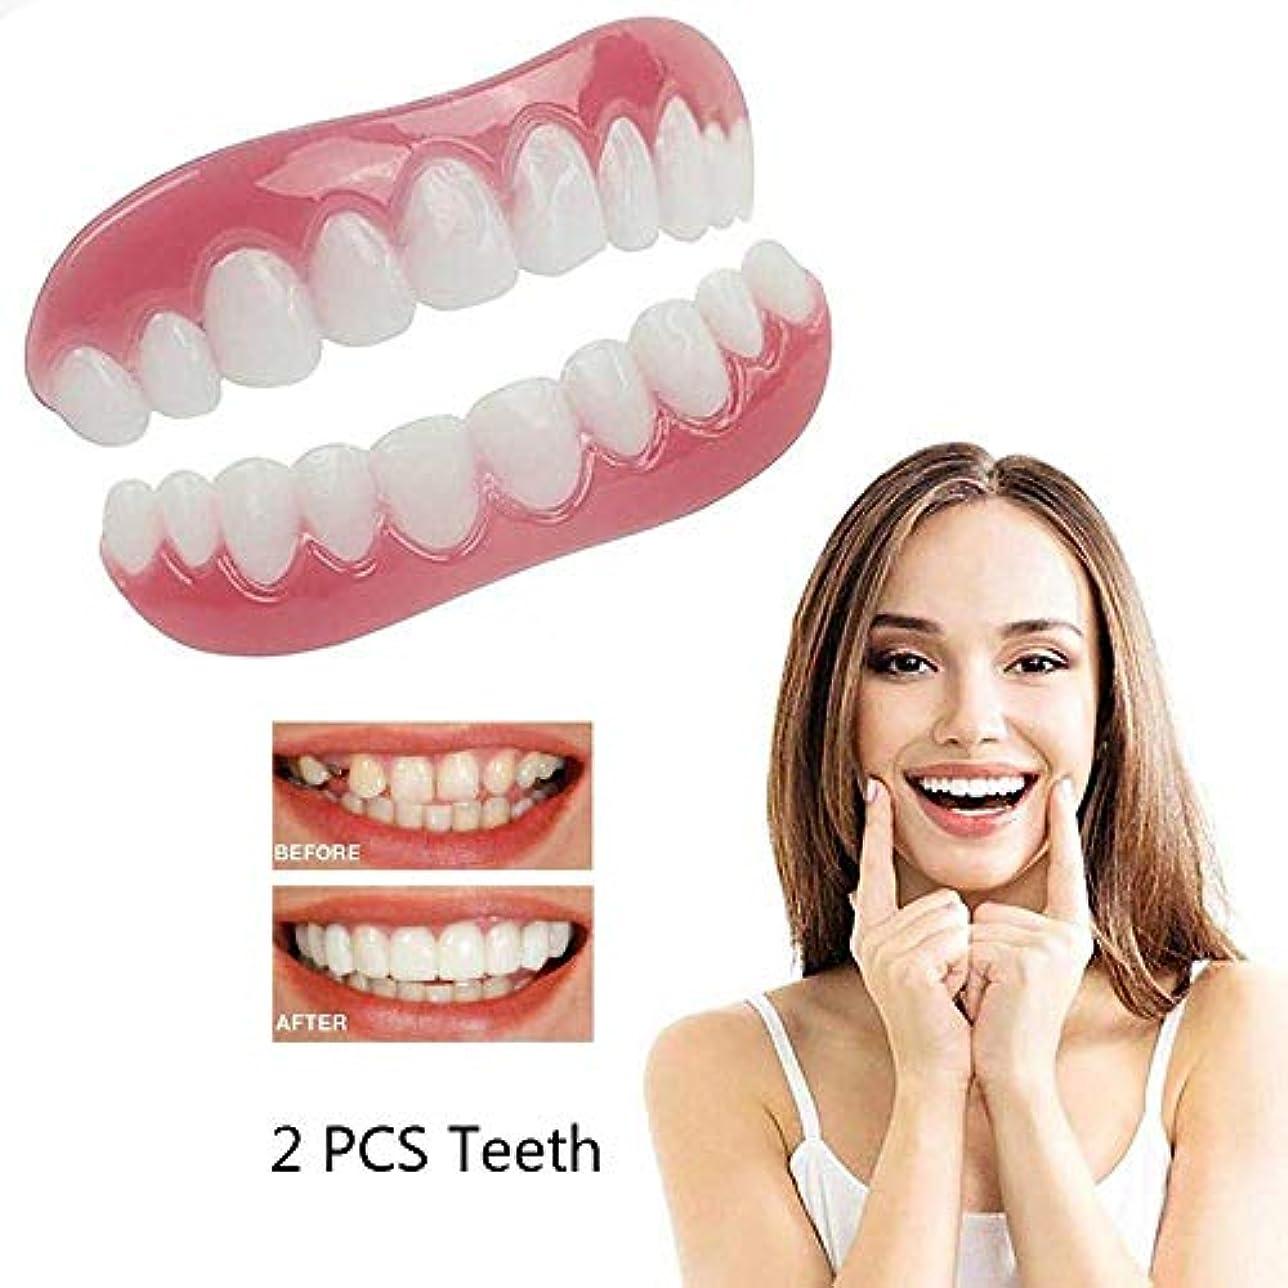 土歴史お手入れ化粧品の歯のホワイトニングパーフェクトフィットスナップオンスマイルトップとボトムの偽歯インスタントプロテーゼスマイルコンフォートフィットフレックスオーラルケア